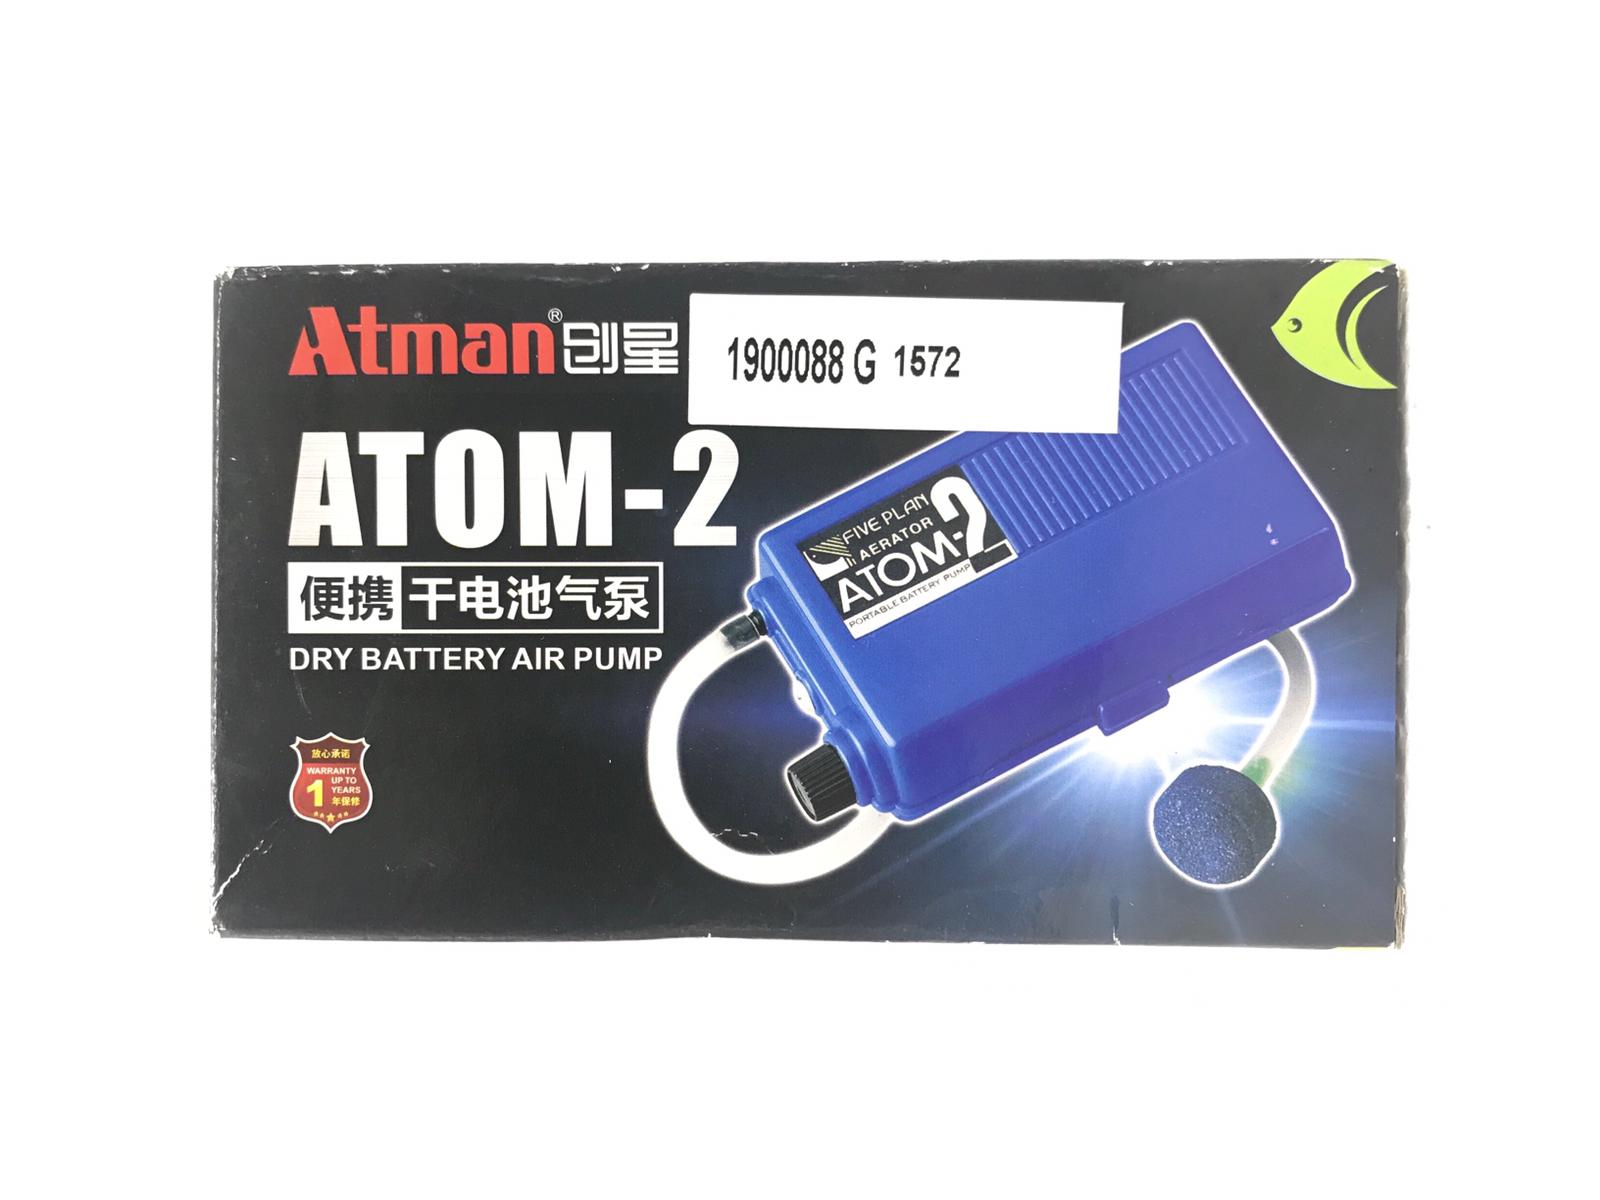 Atman Dry Battery Air Pump